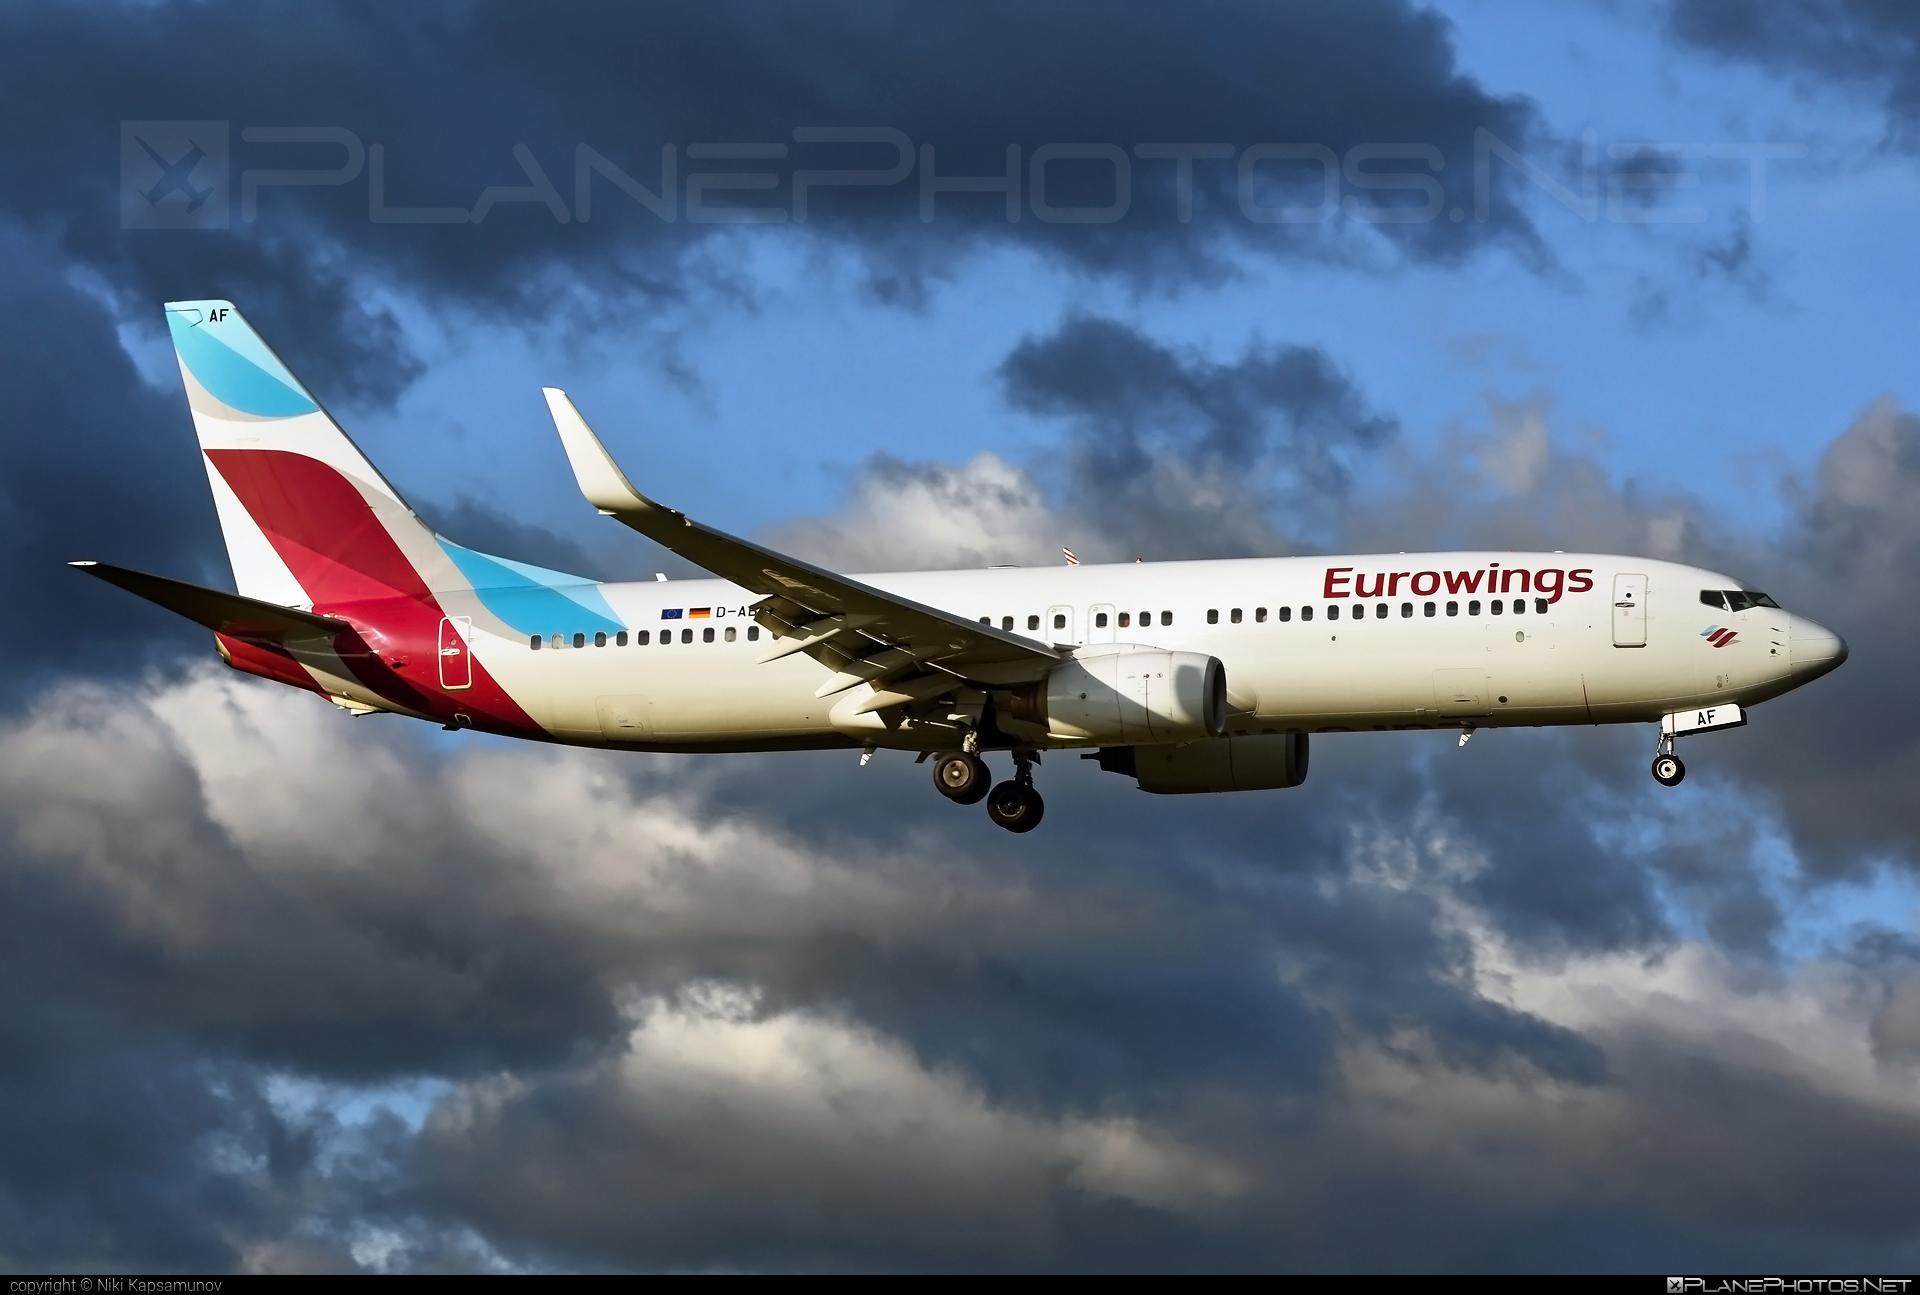 Boeing 737-800 - D-ABAF operated by Eurowings #b737 #b737nextgen #b737ng #boeing #boeing737 #eurowings